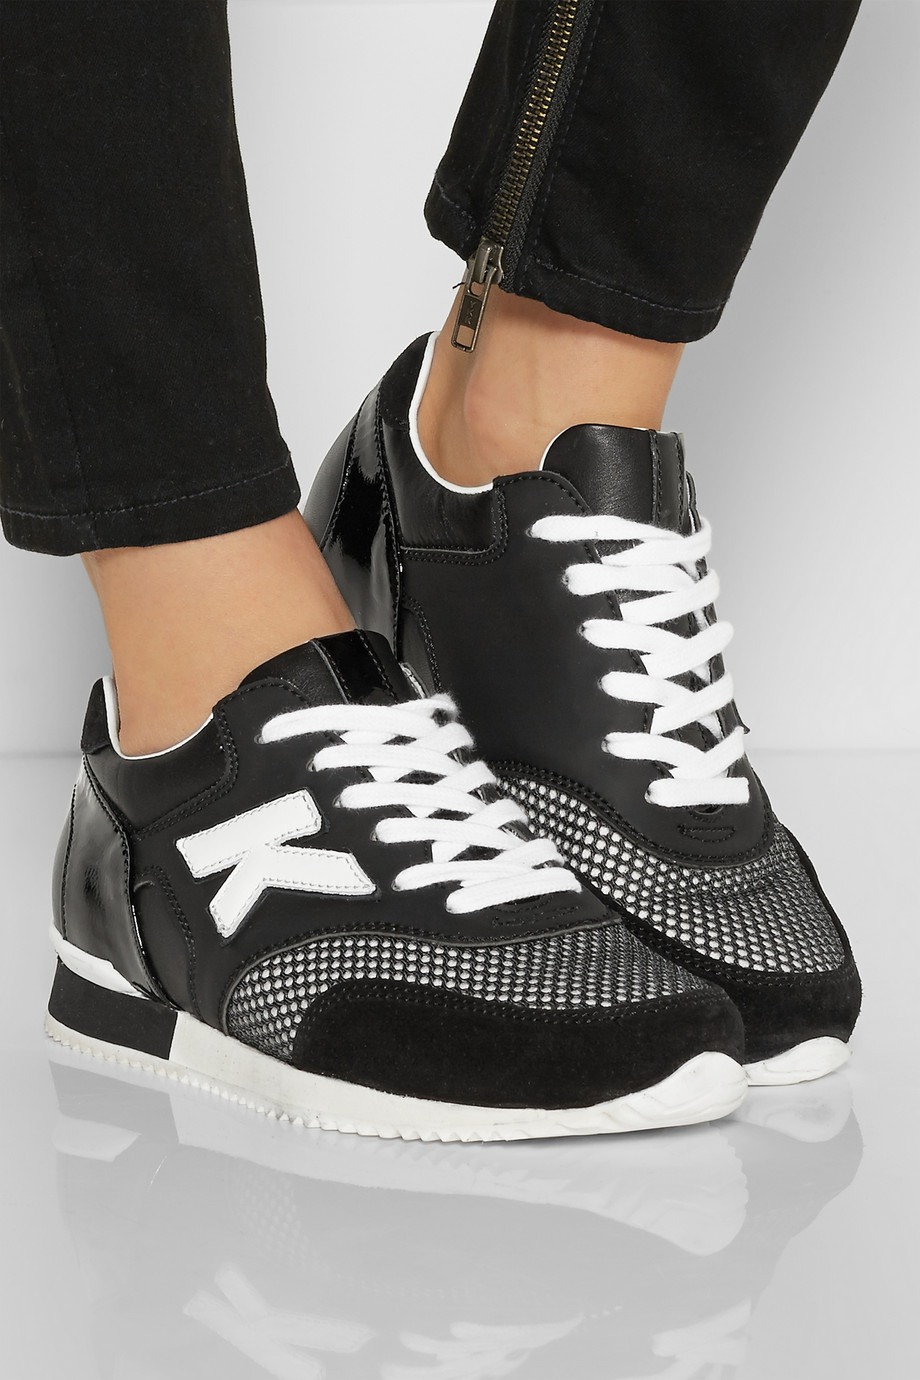 Karl Lagerfeld begins to produce custom-made sneakers